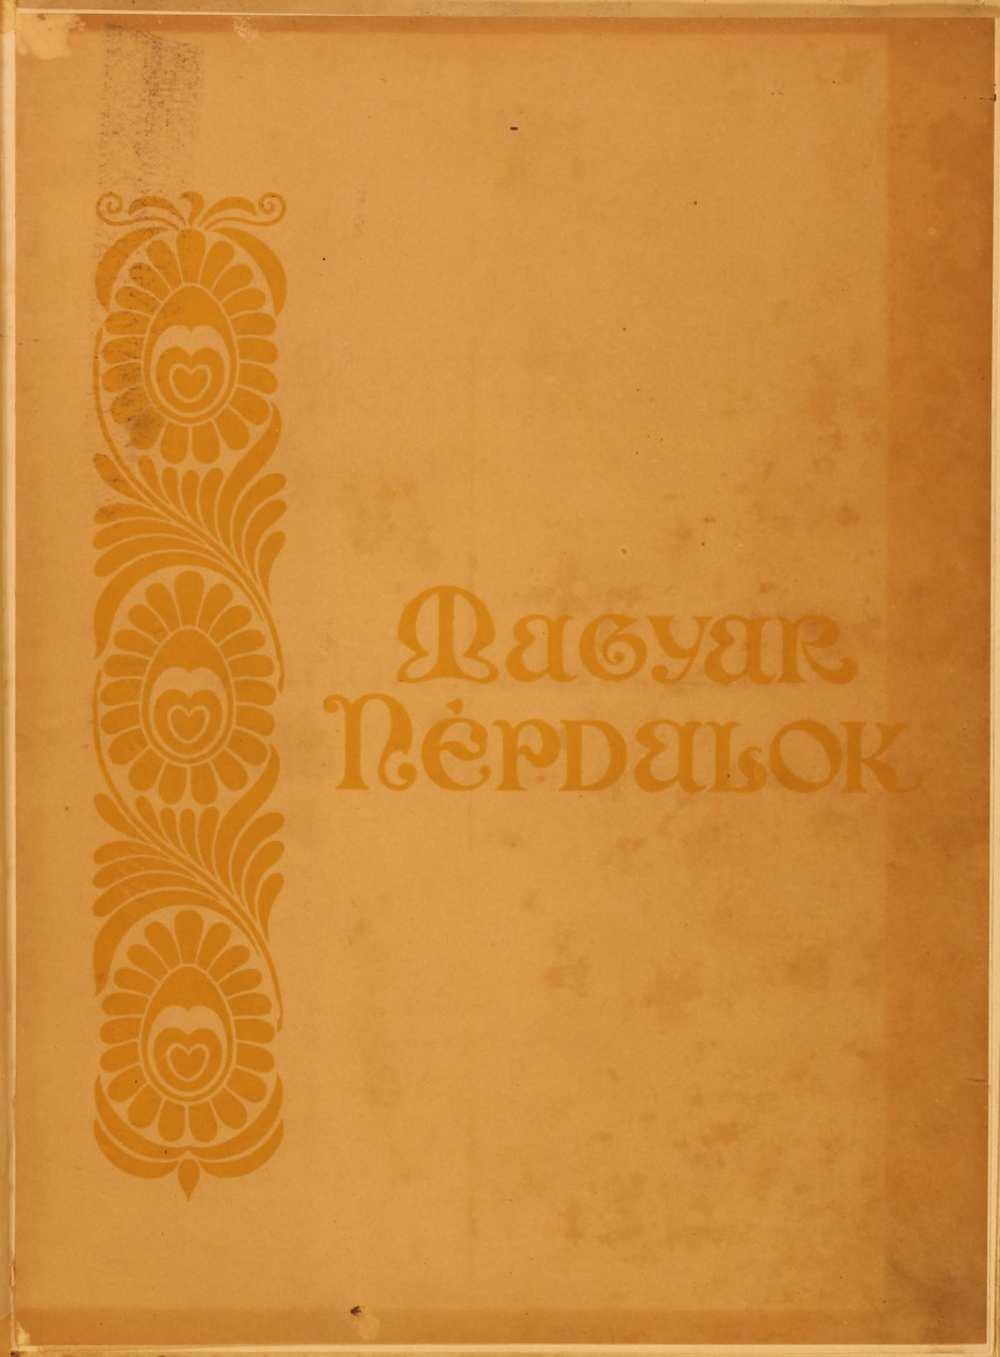 Magyar népdalok énekhangra zongorakísérettel. Rozsnyai-kiadás, 1906. – Színháztörténeti és Zeneműtár. Jelzet: Z 83.120